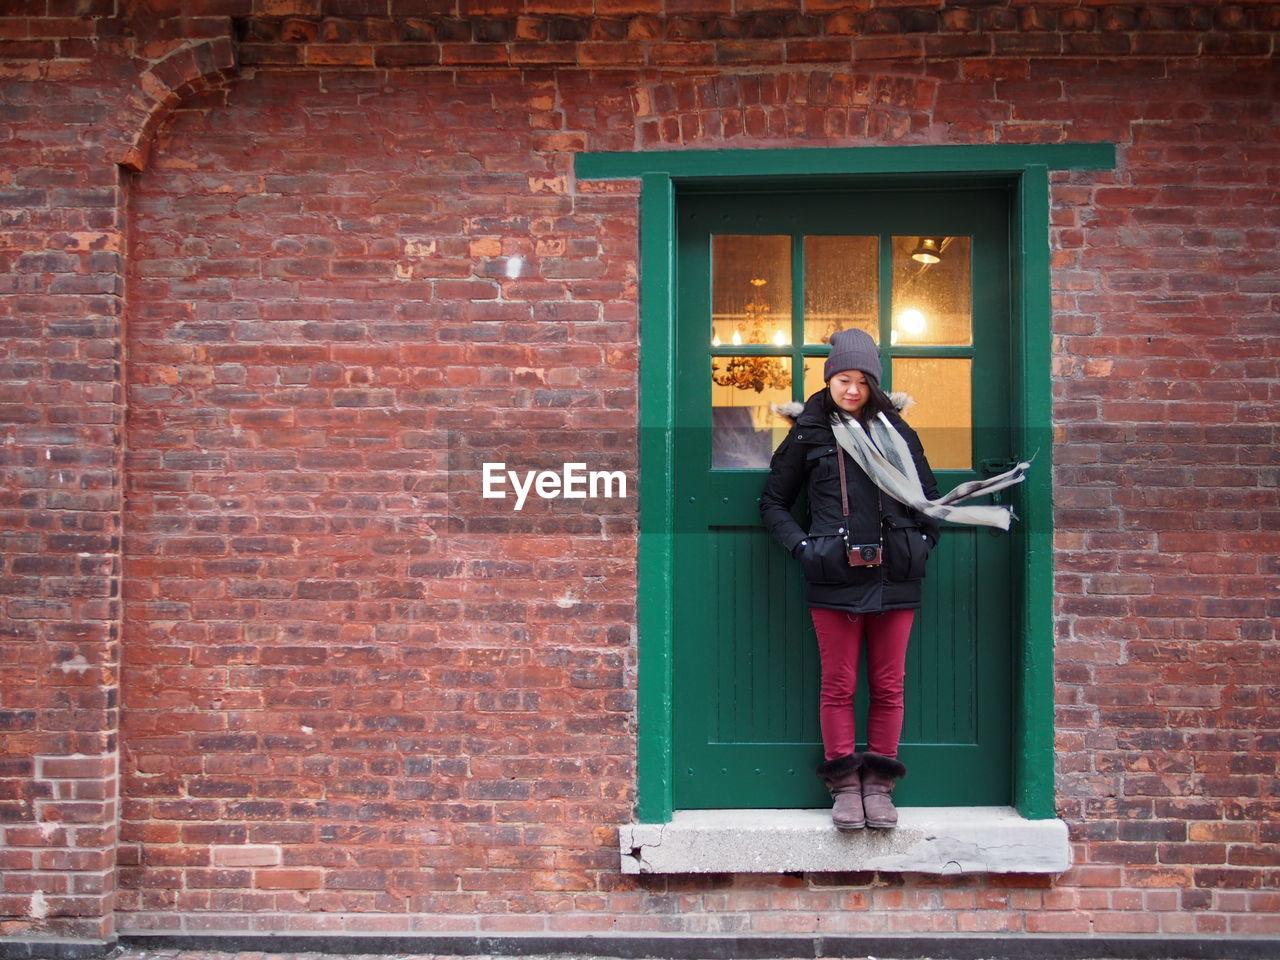 Woman standing at doorway